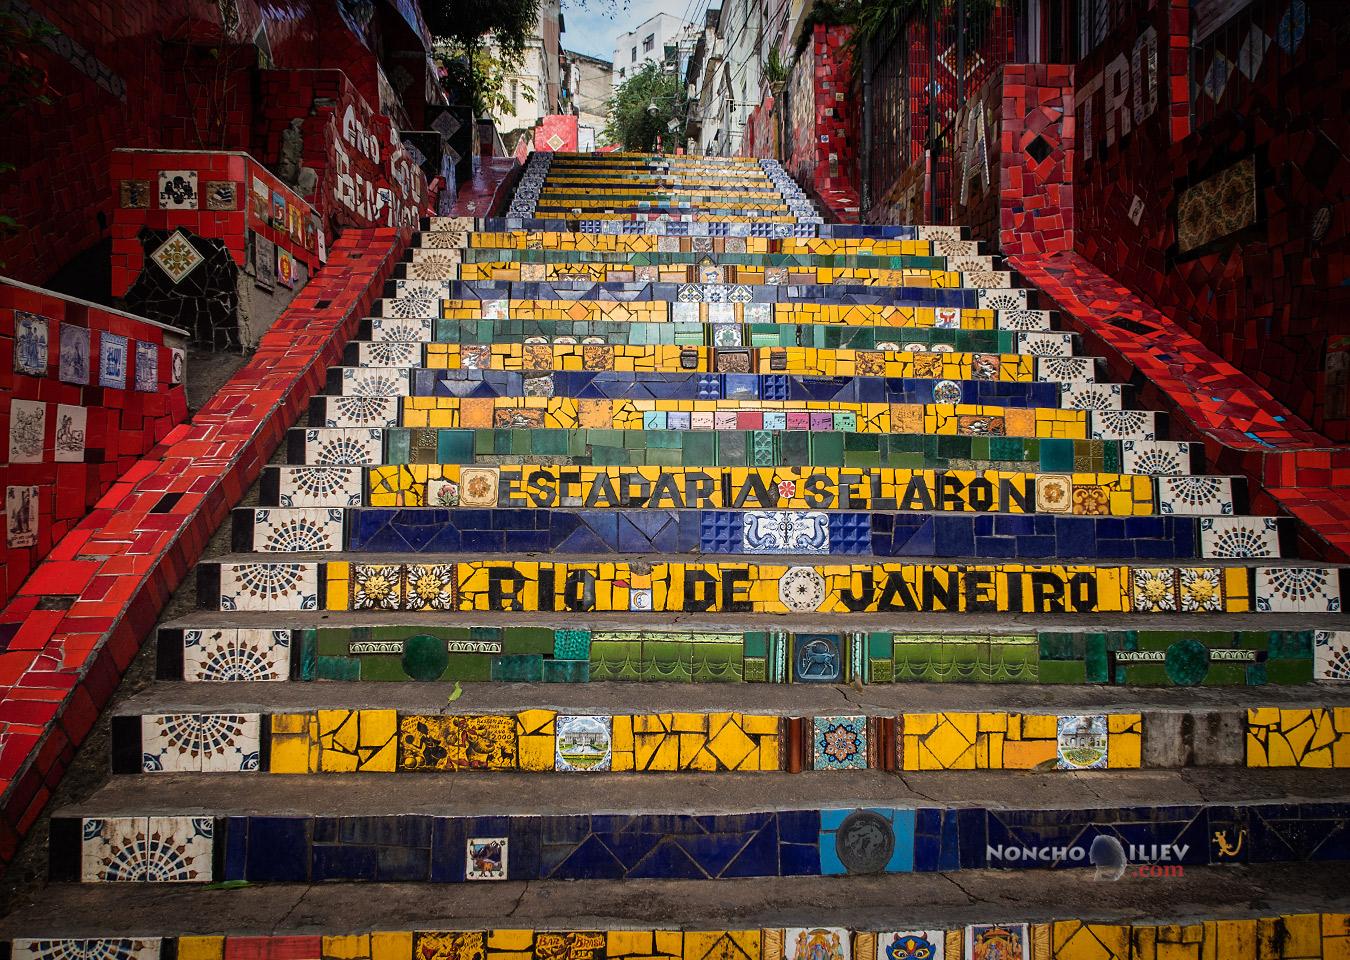 Celaron, Rio de Janeiro